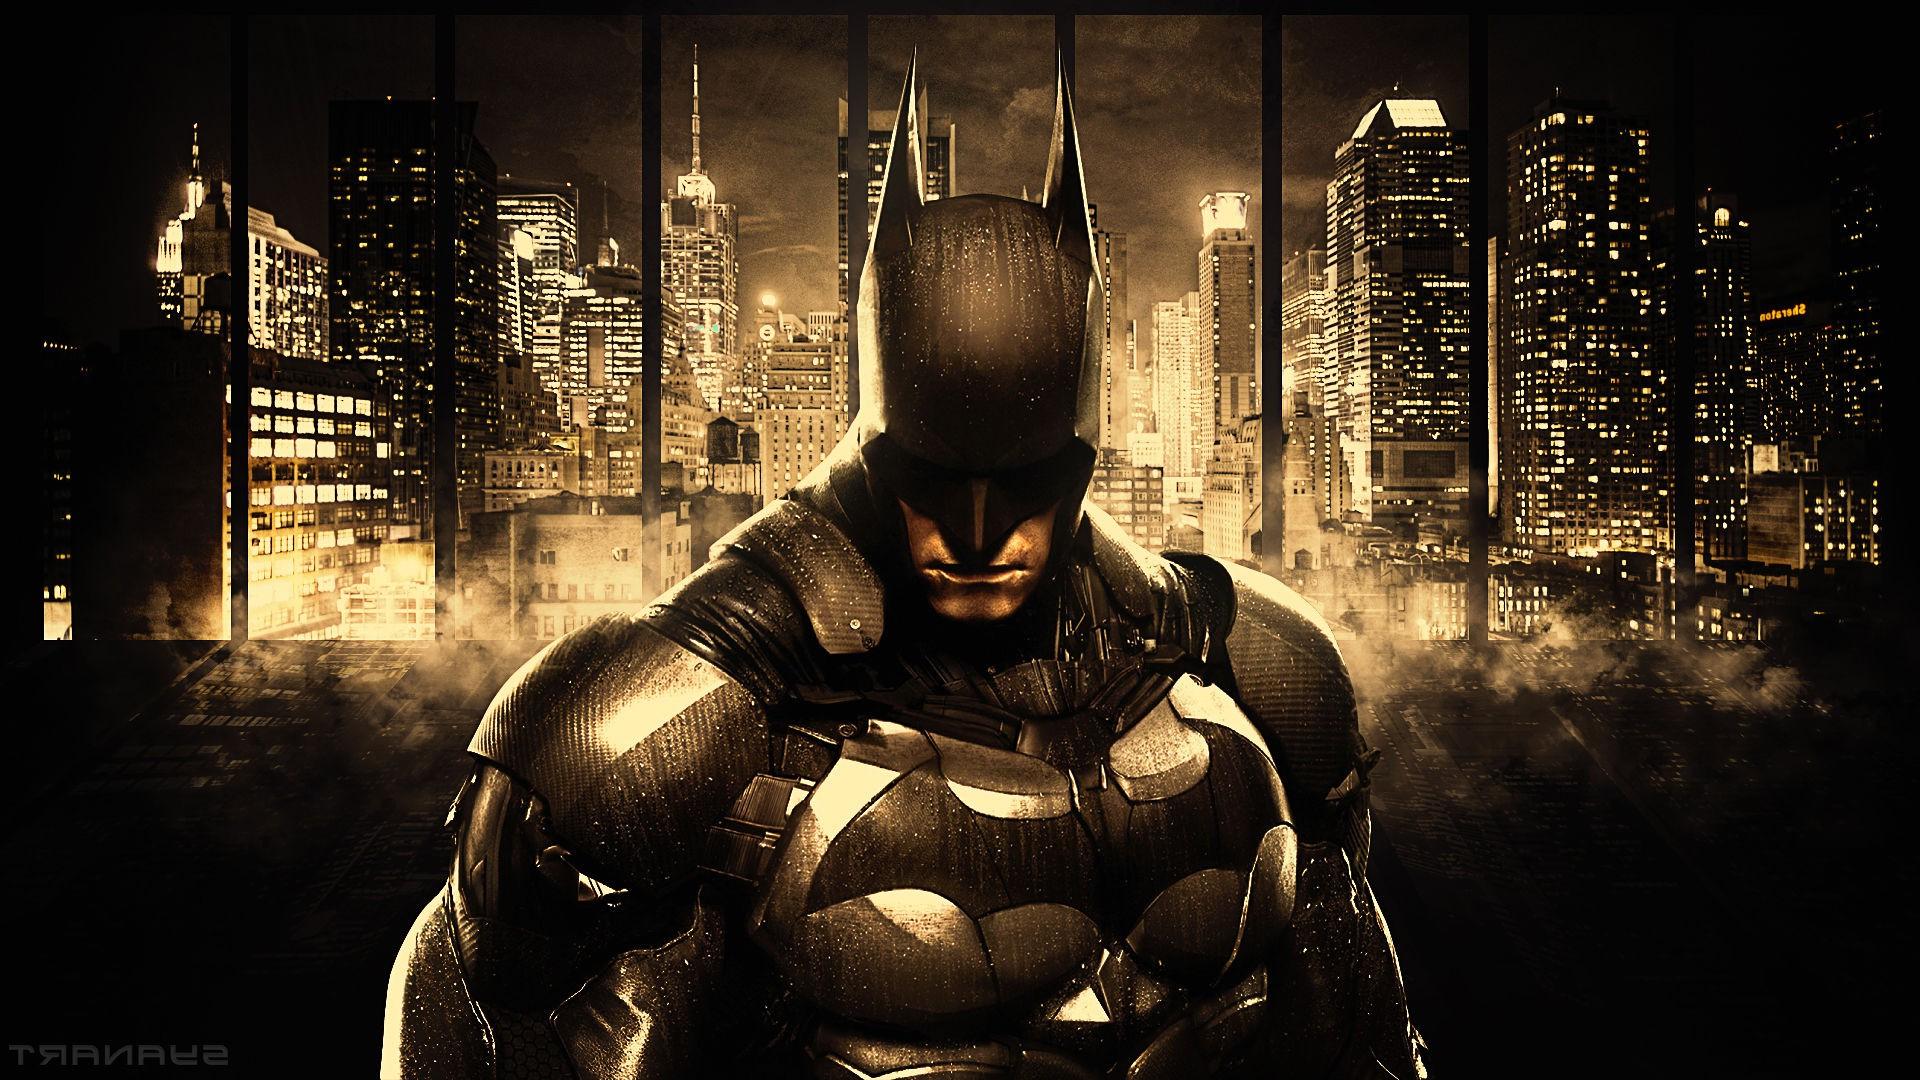 Batman, Comics, Dc Comics, Concept Art, Gotham City, - Dc Comics Batman Gotham City , HD Wallpaper & Backgrounds